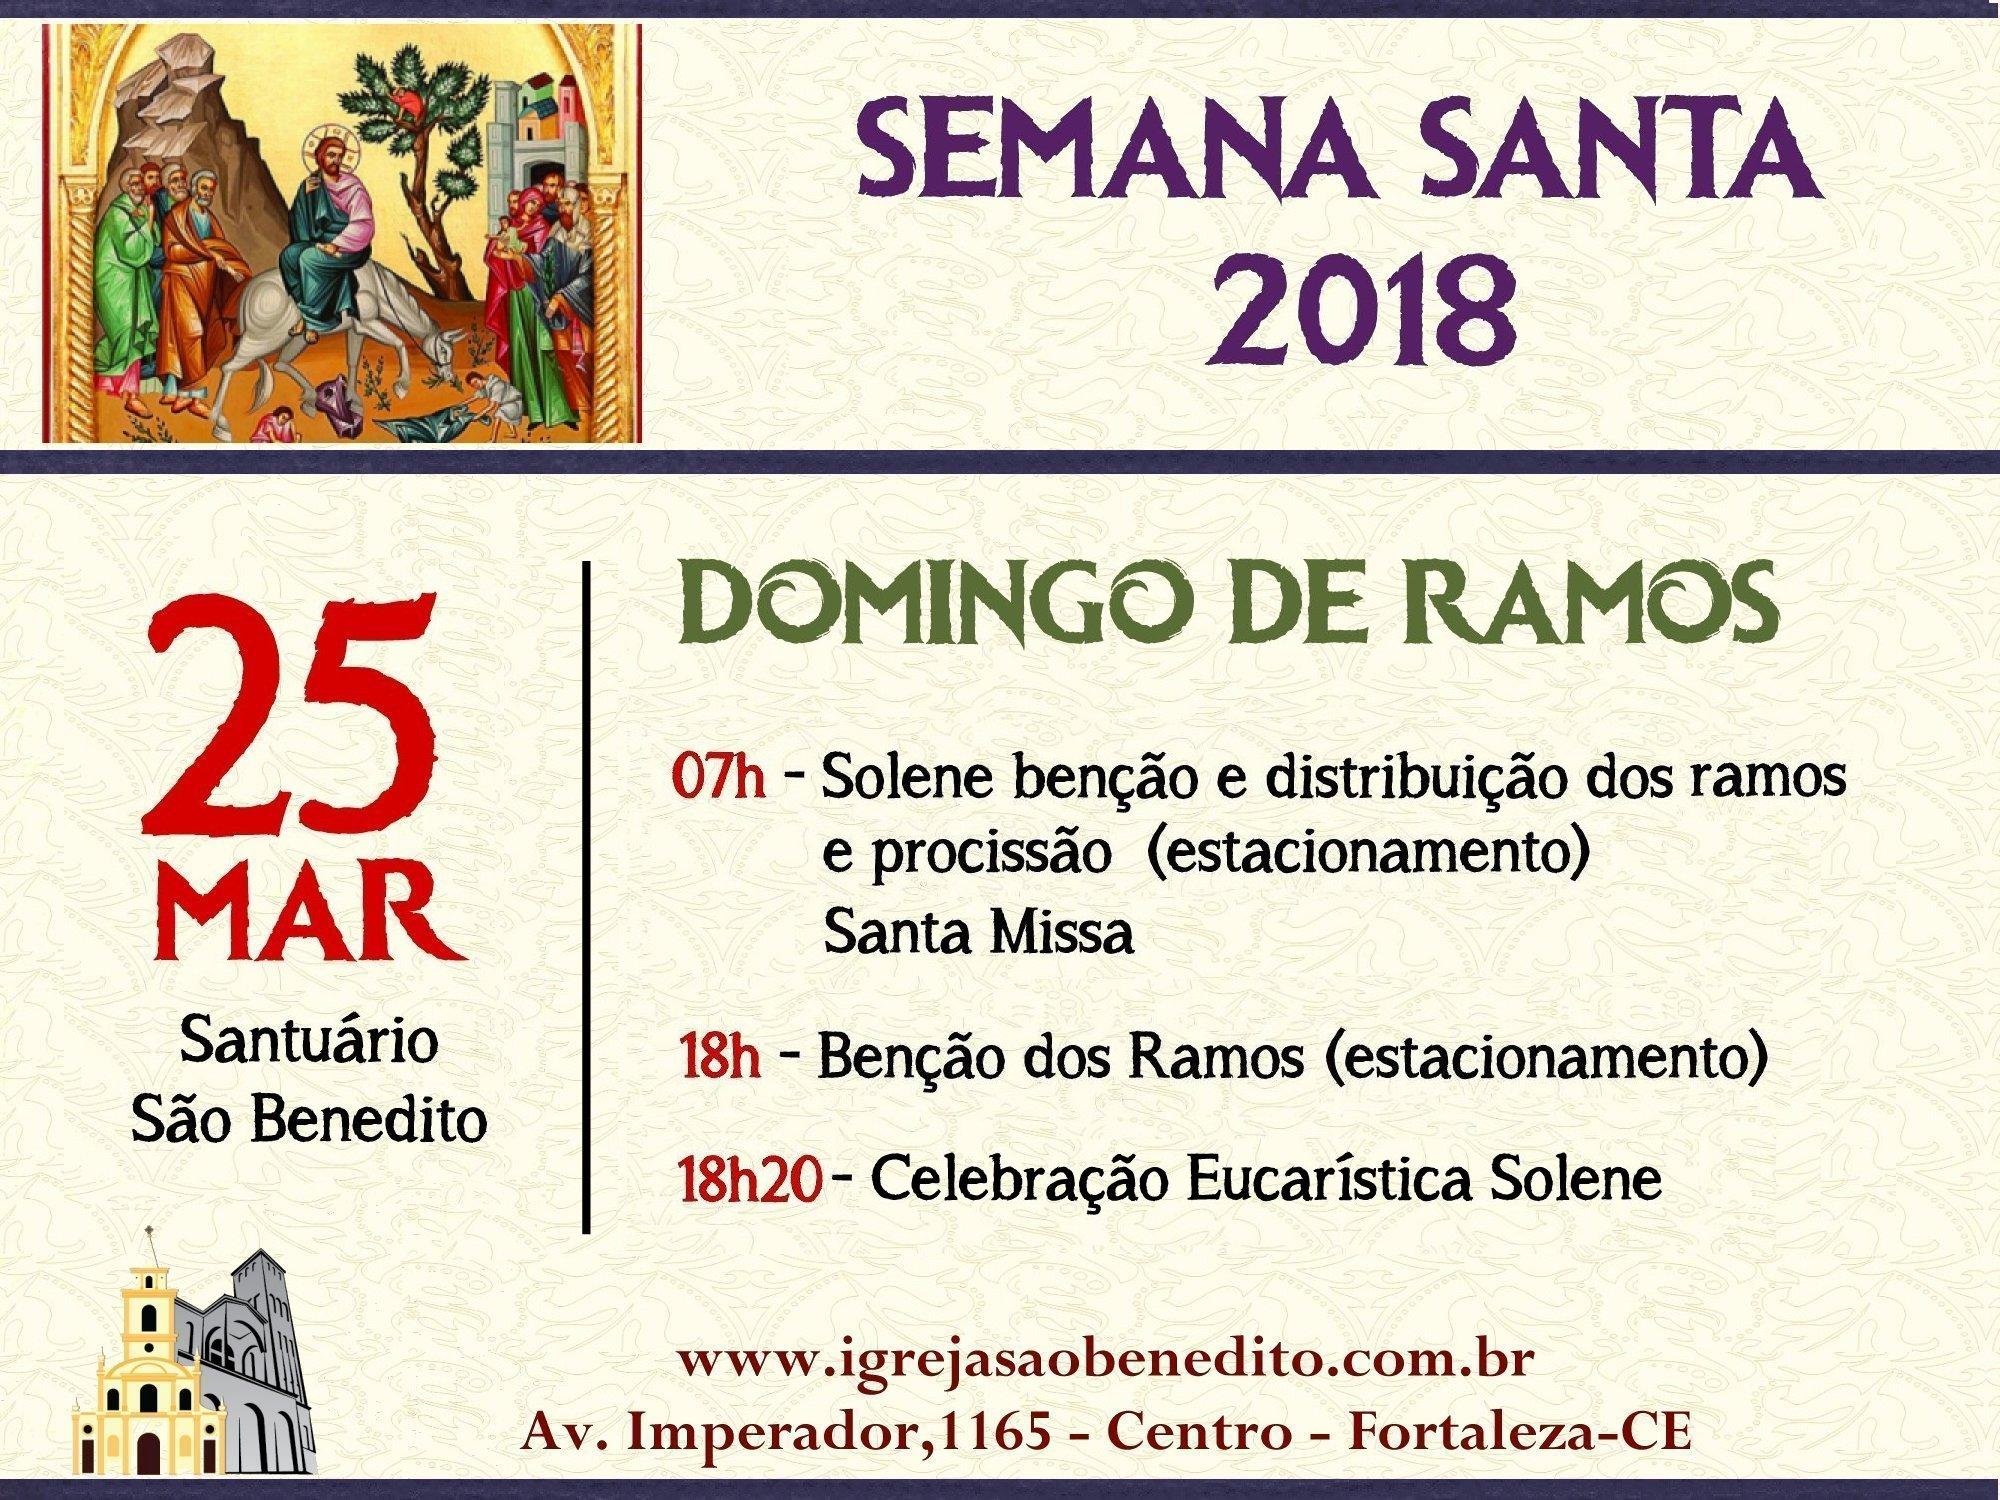 Celebrações do Domingo de Ramos na Paróquia São Benedito